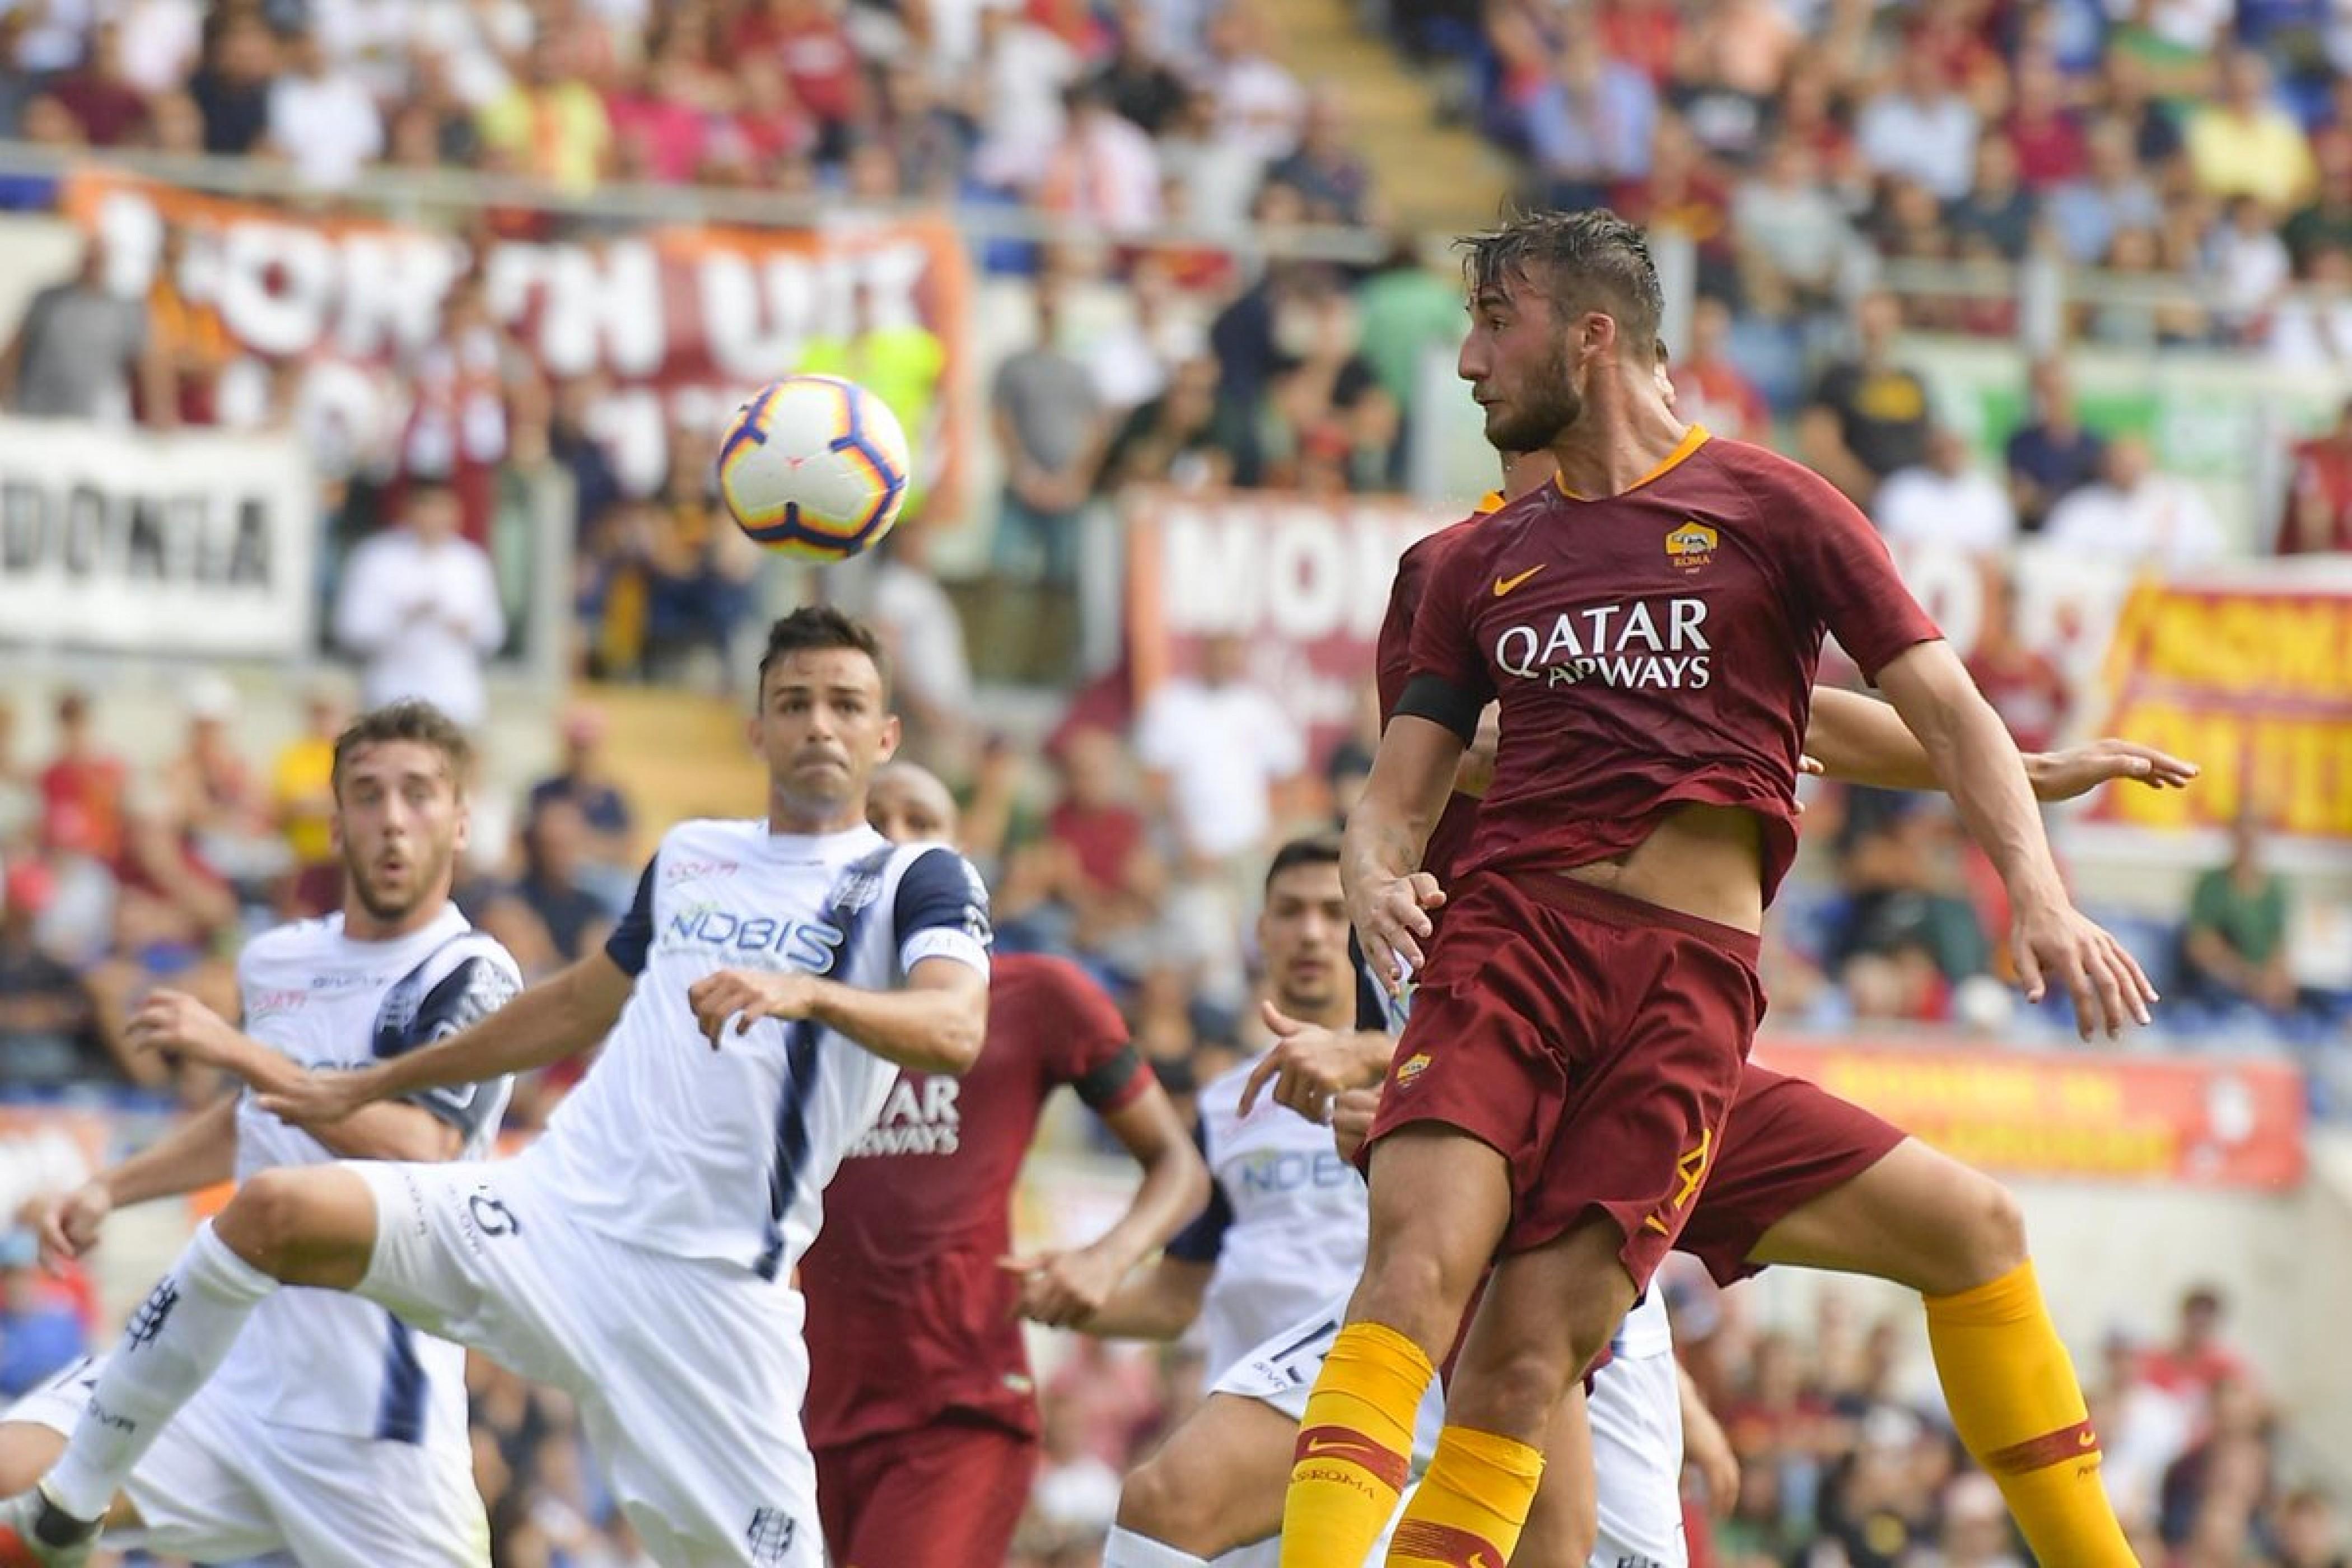 Altro stop della Roma: 2-2 all'Olimpico contro un arcigno Chievo Verona